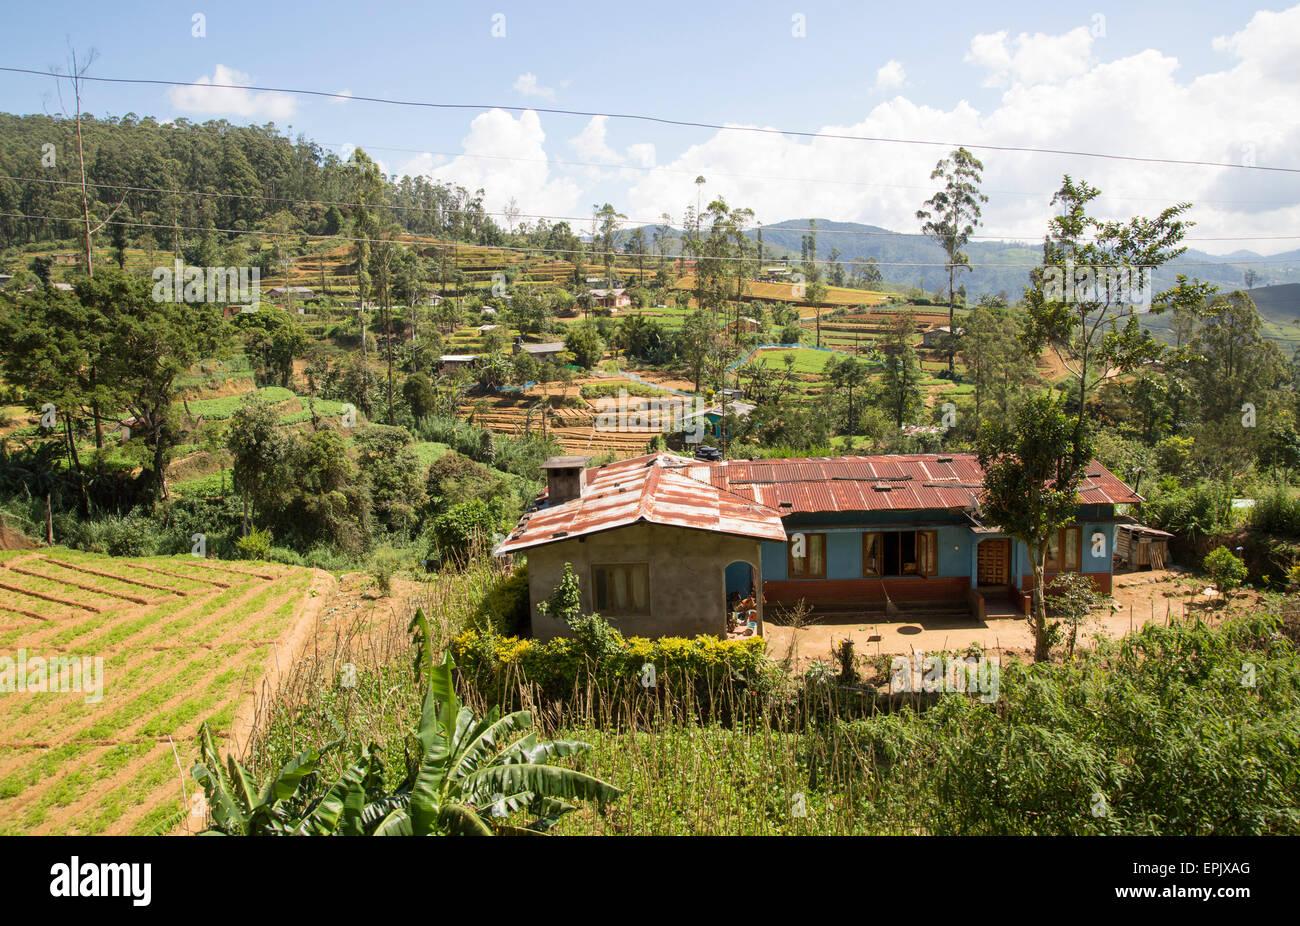 Intensive subsistence vegetable farming near Nuwara Eliya, Sri Lanka, Asia - Stock Image